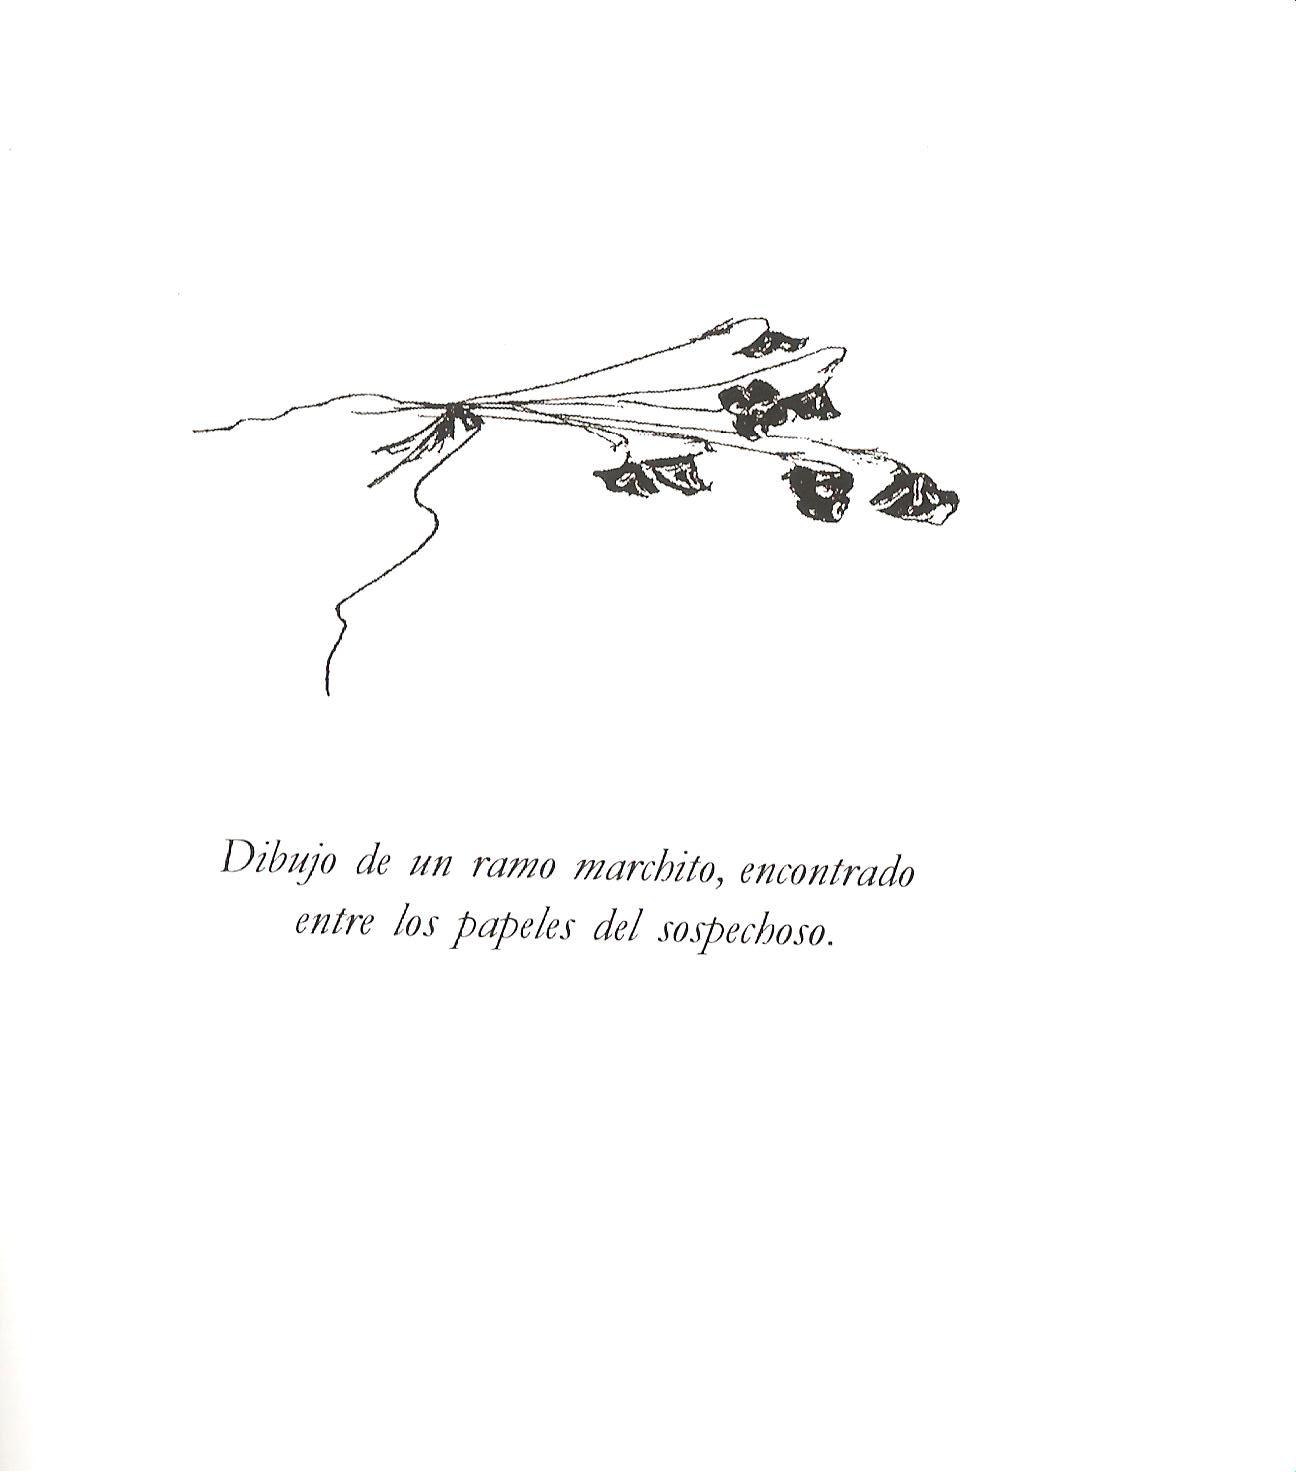 rosas para amor marchita Descargar Imágenes Tiernas - Imagenes De Rosas Marchitas Con Frases